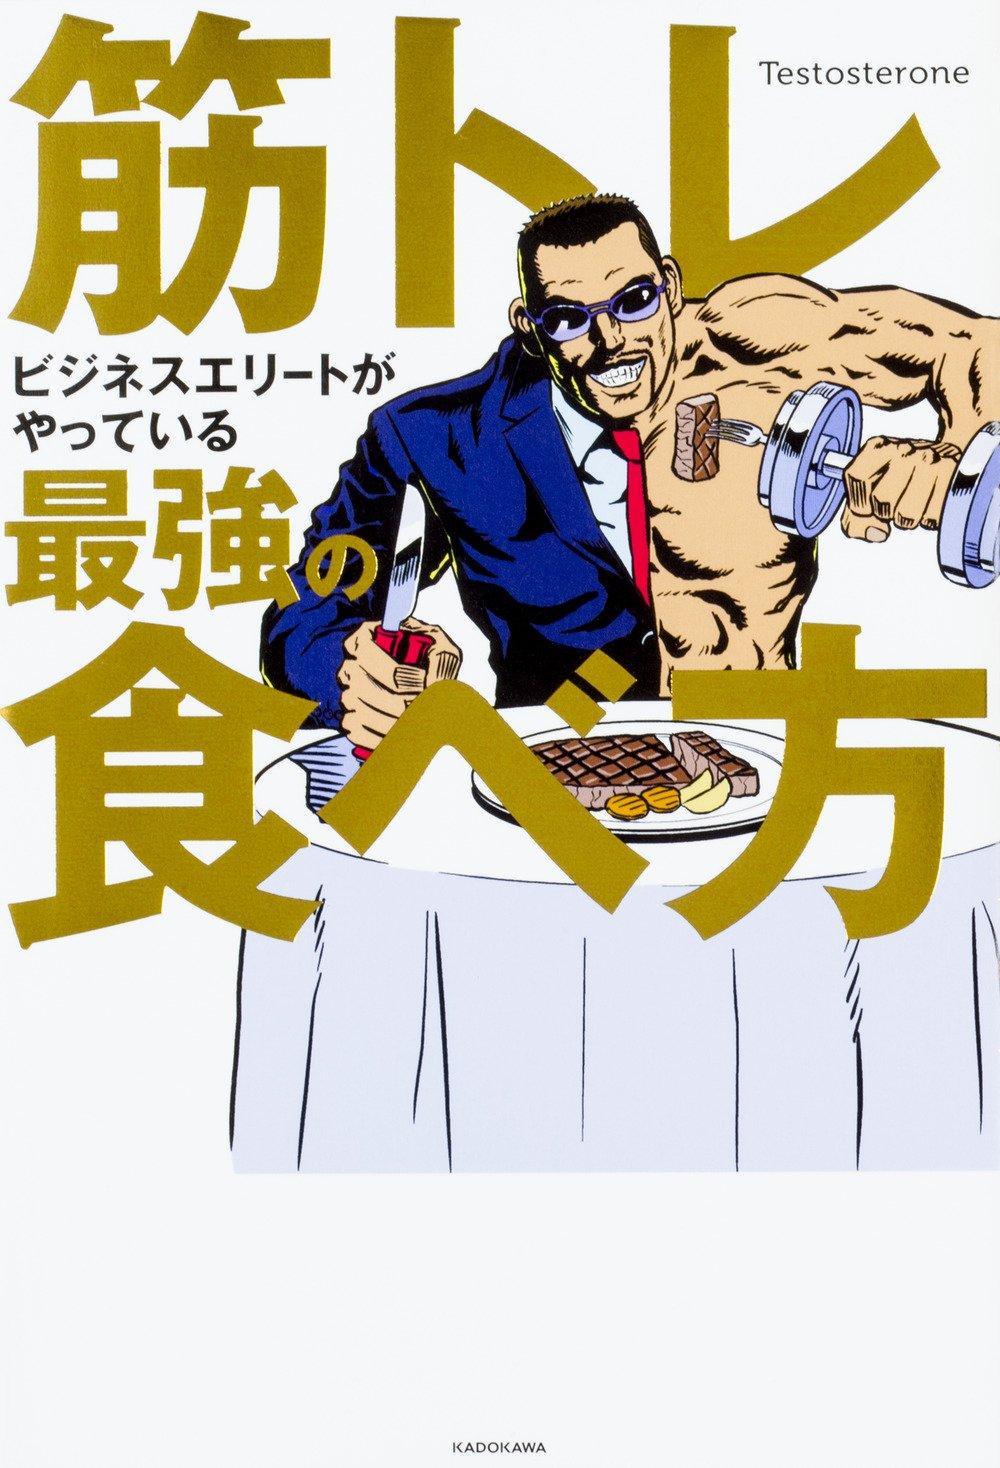 『筋トレビジネスエリートがやっている最強の食べ方』の表紙画像